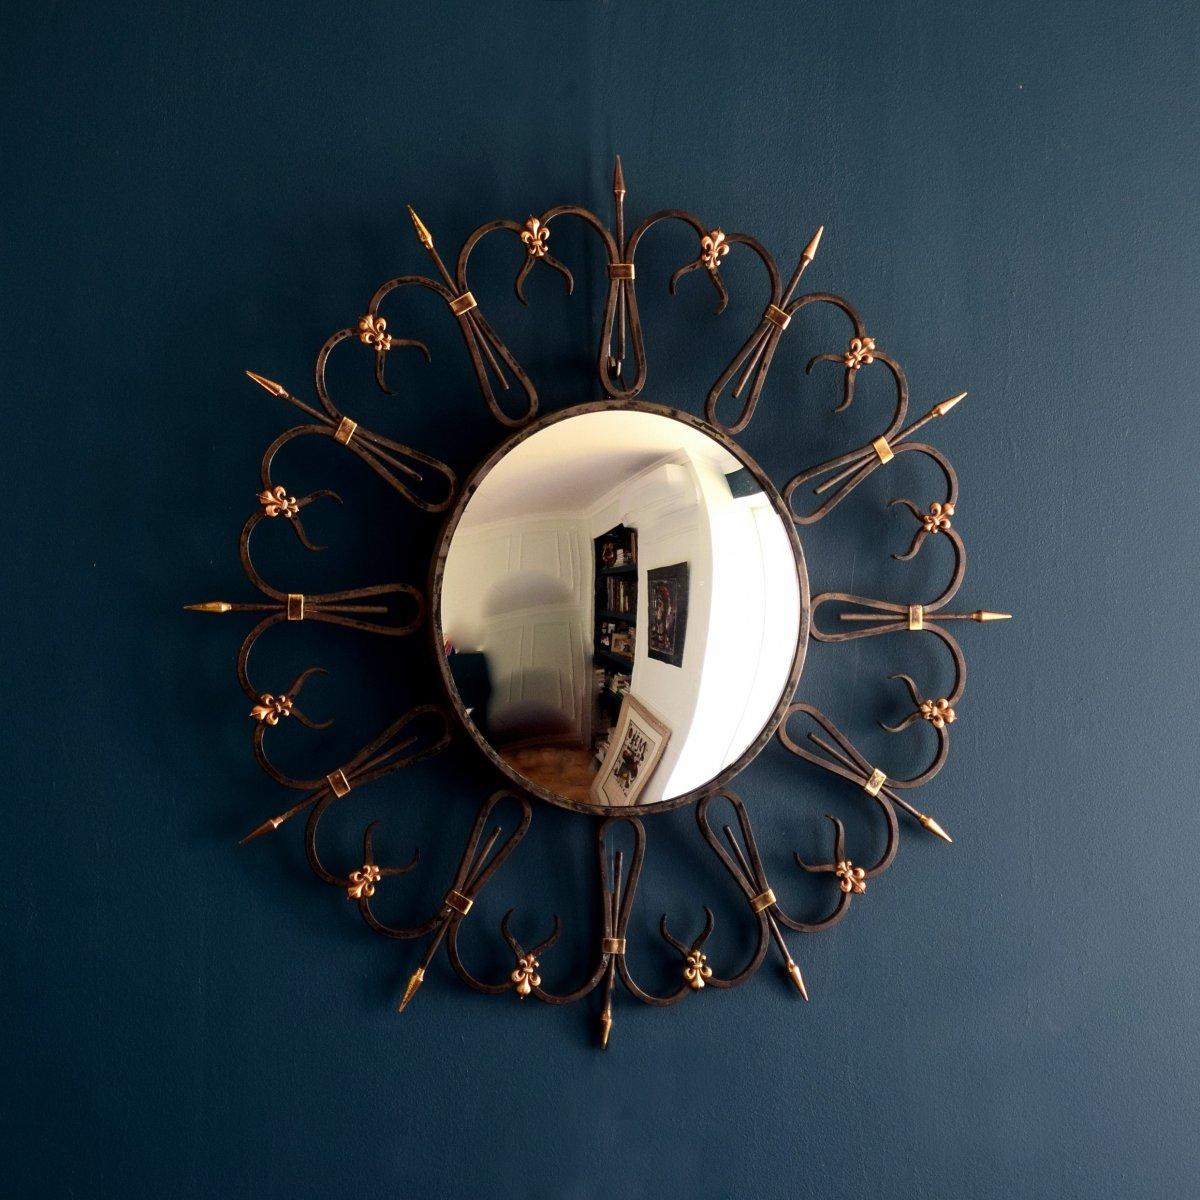 Miroir sorcière en fer forgé et bronze Années 50